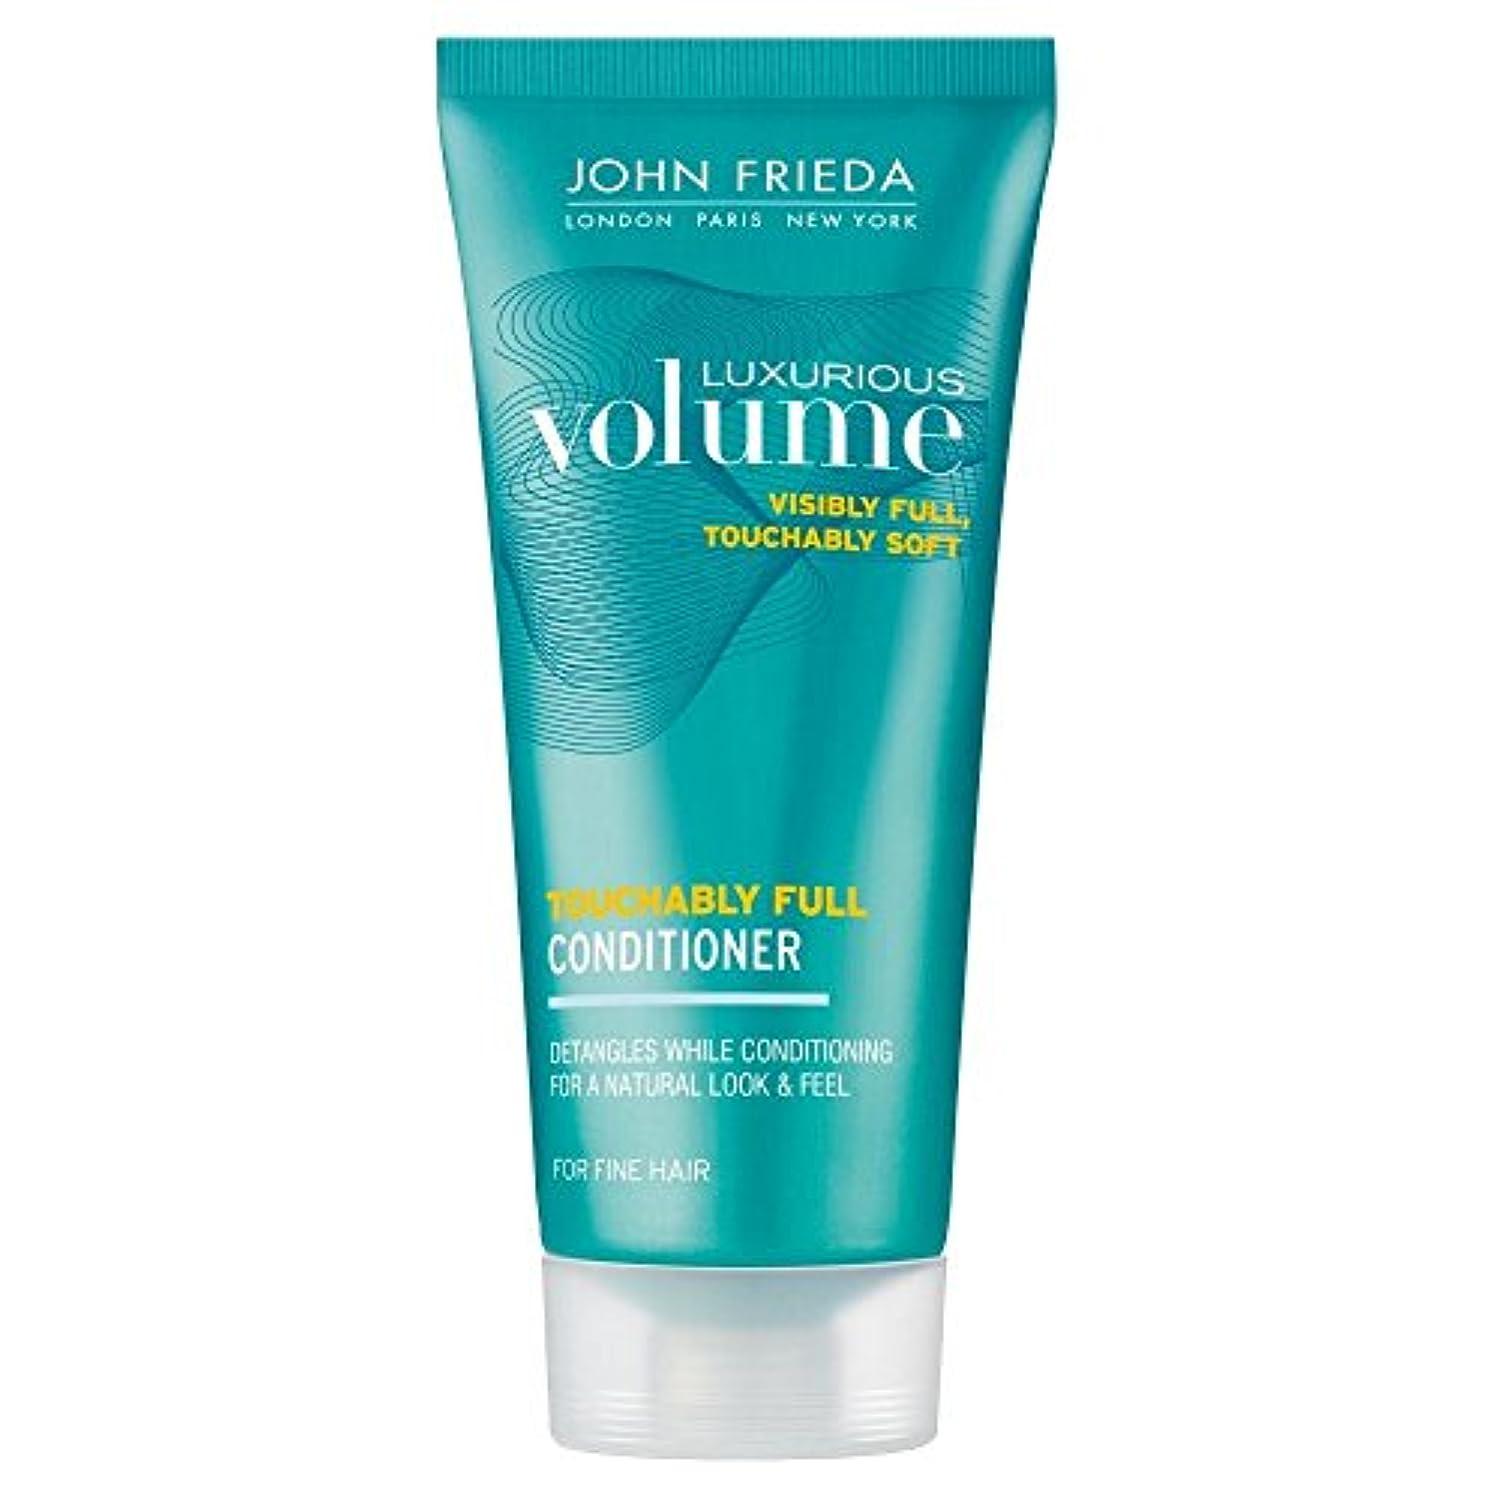 キッチン式上下するJohn Frieda Luxurious Volume Thickening Conditioner (50ml) ジョン?フリーダ豪華なボリューム増粘コンディショナー( 50ミリリットル) [並行輸入品]